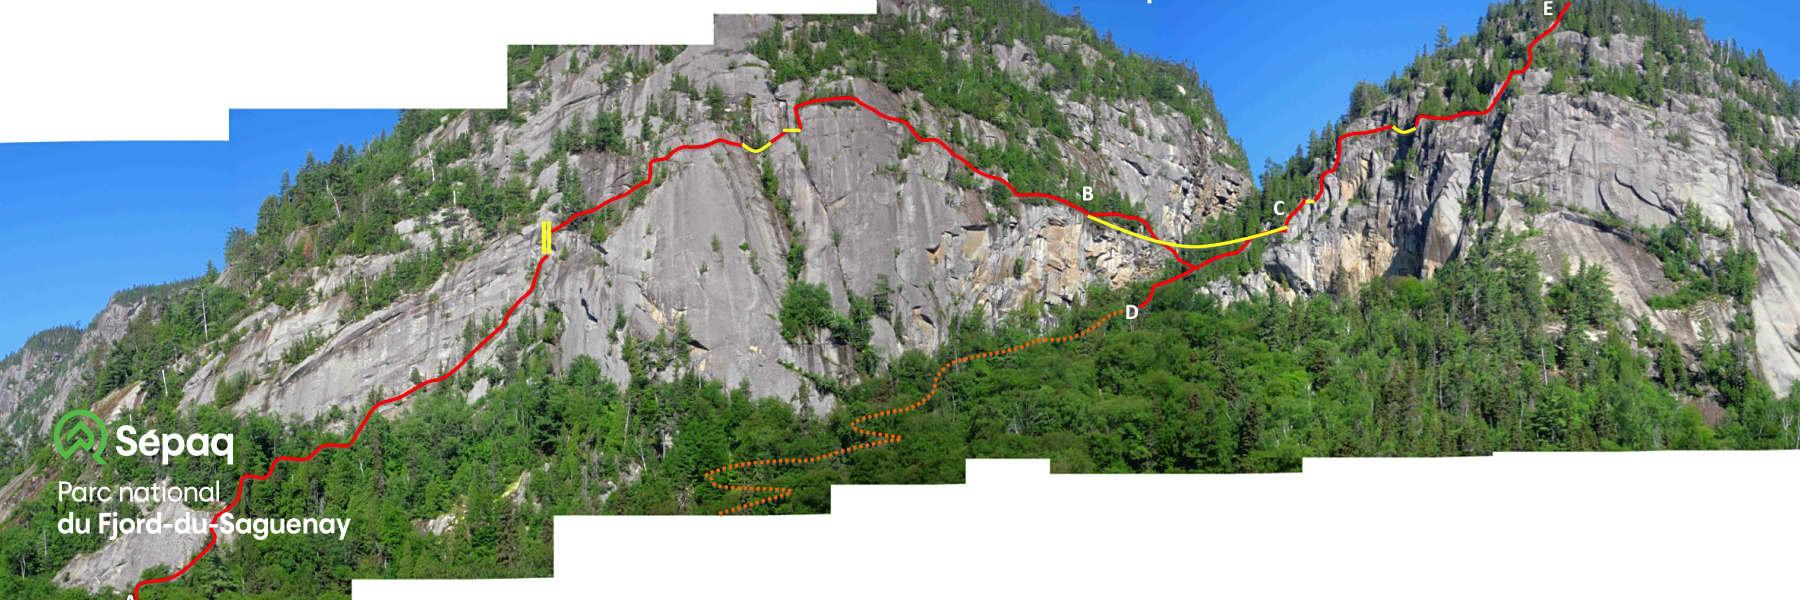 Plan du parcours de via ferrata